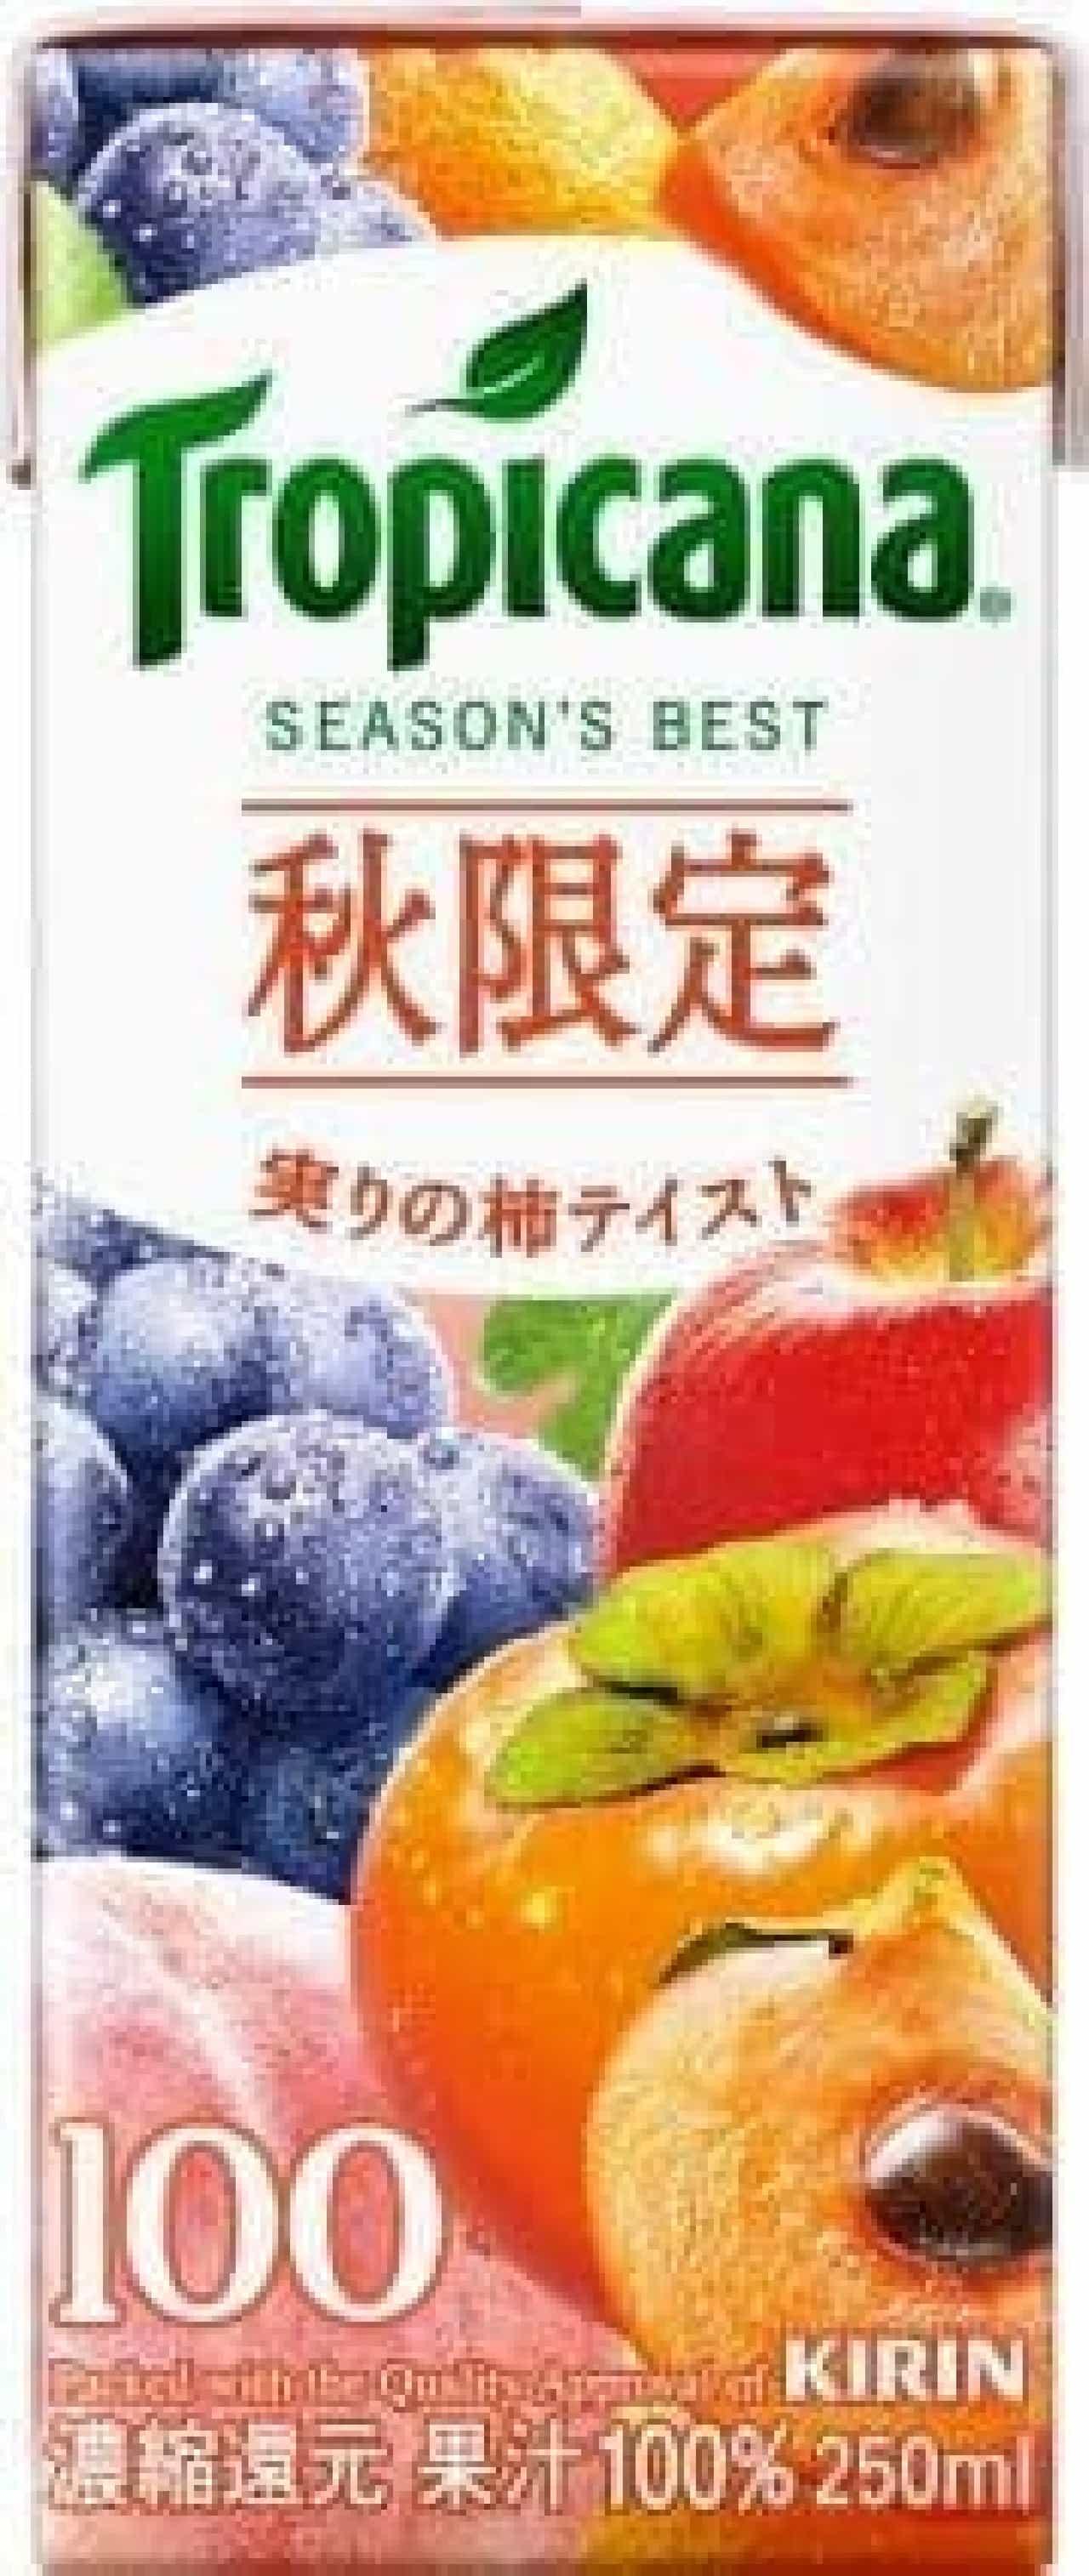 キリン・トロピカーナ「トロピカーナ シーズンズ・ベスト 実りの柿テイスト」